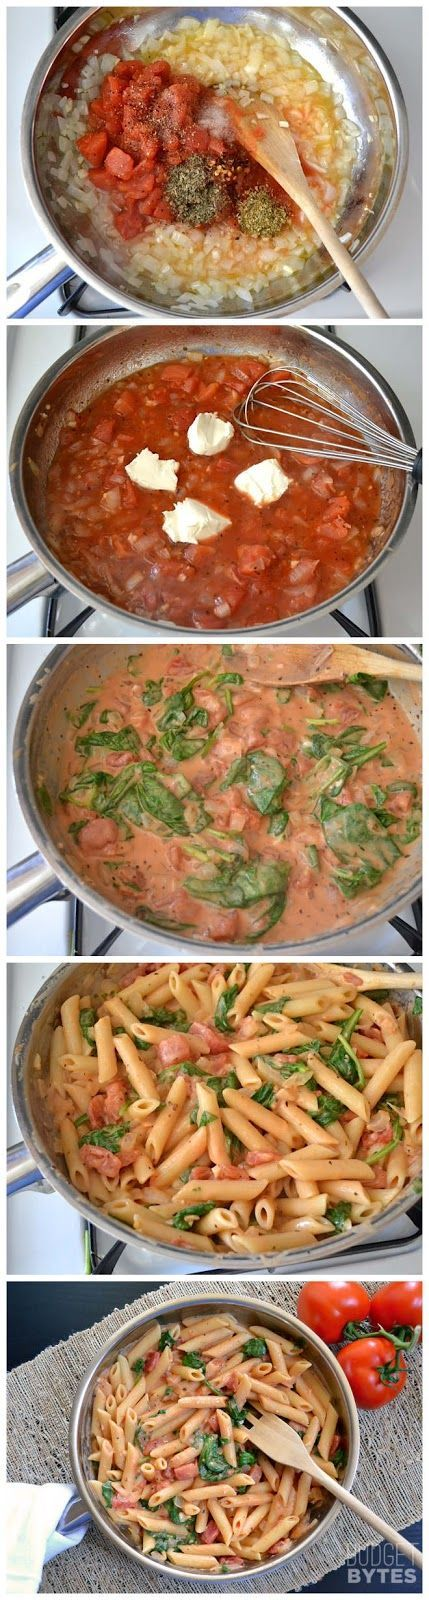 Creamy Tomato & Spinach Pasta - fantasticsausage